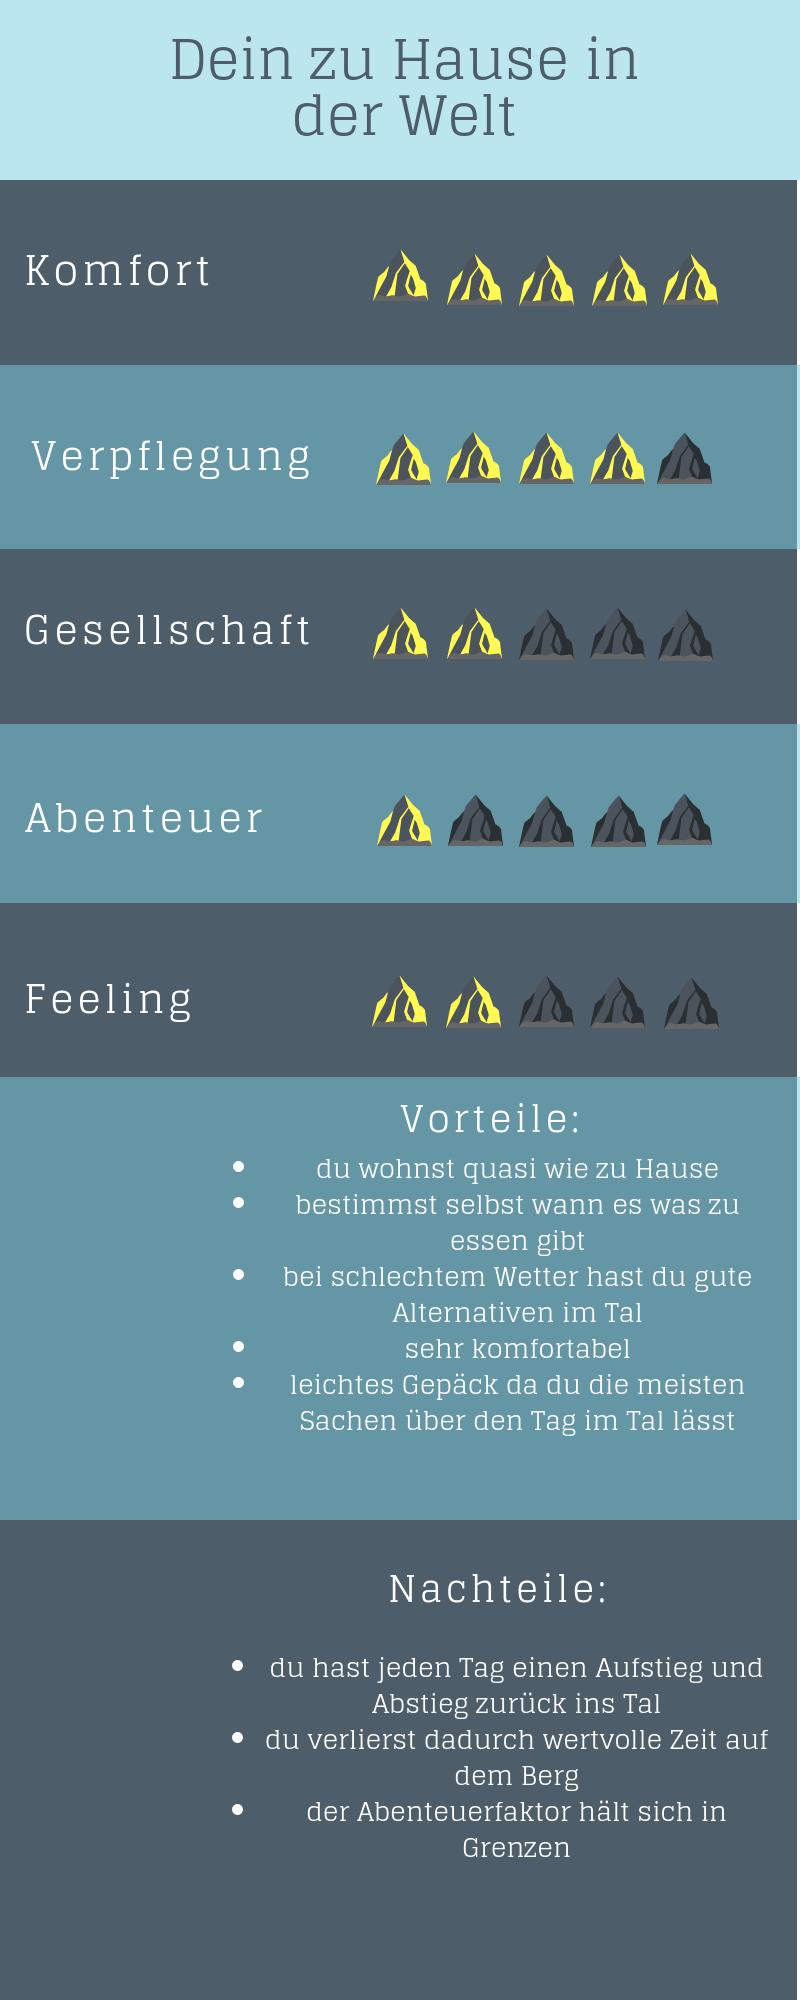 Vergleich Übernachtung im Airbnb